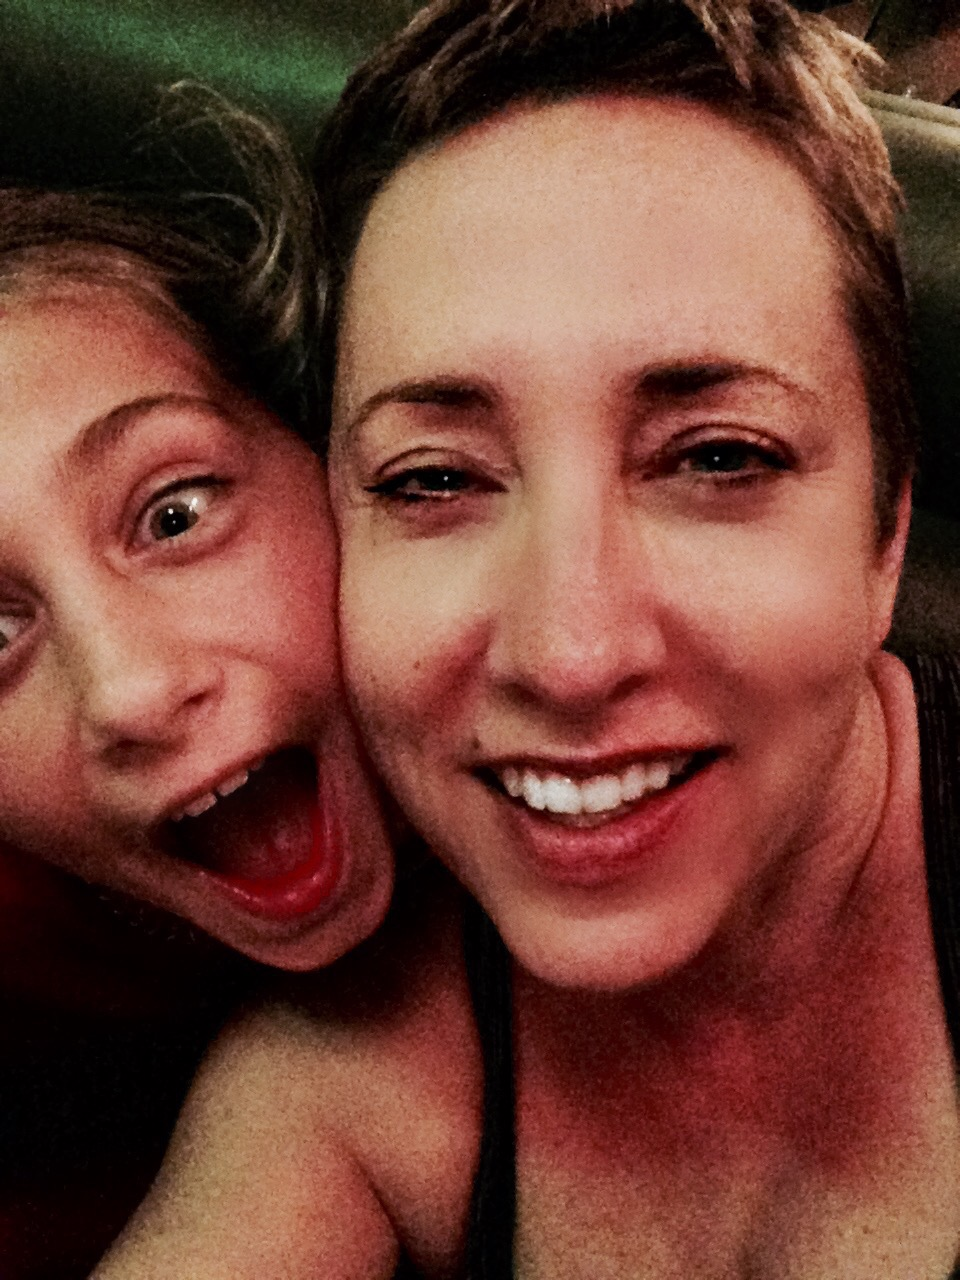 Mother/daughter selfie!